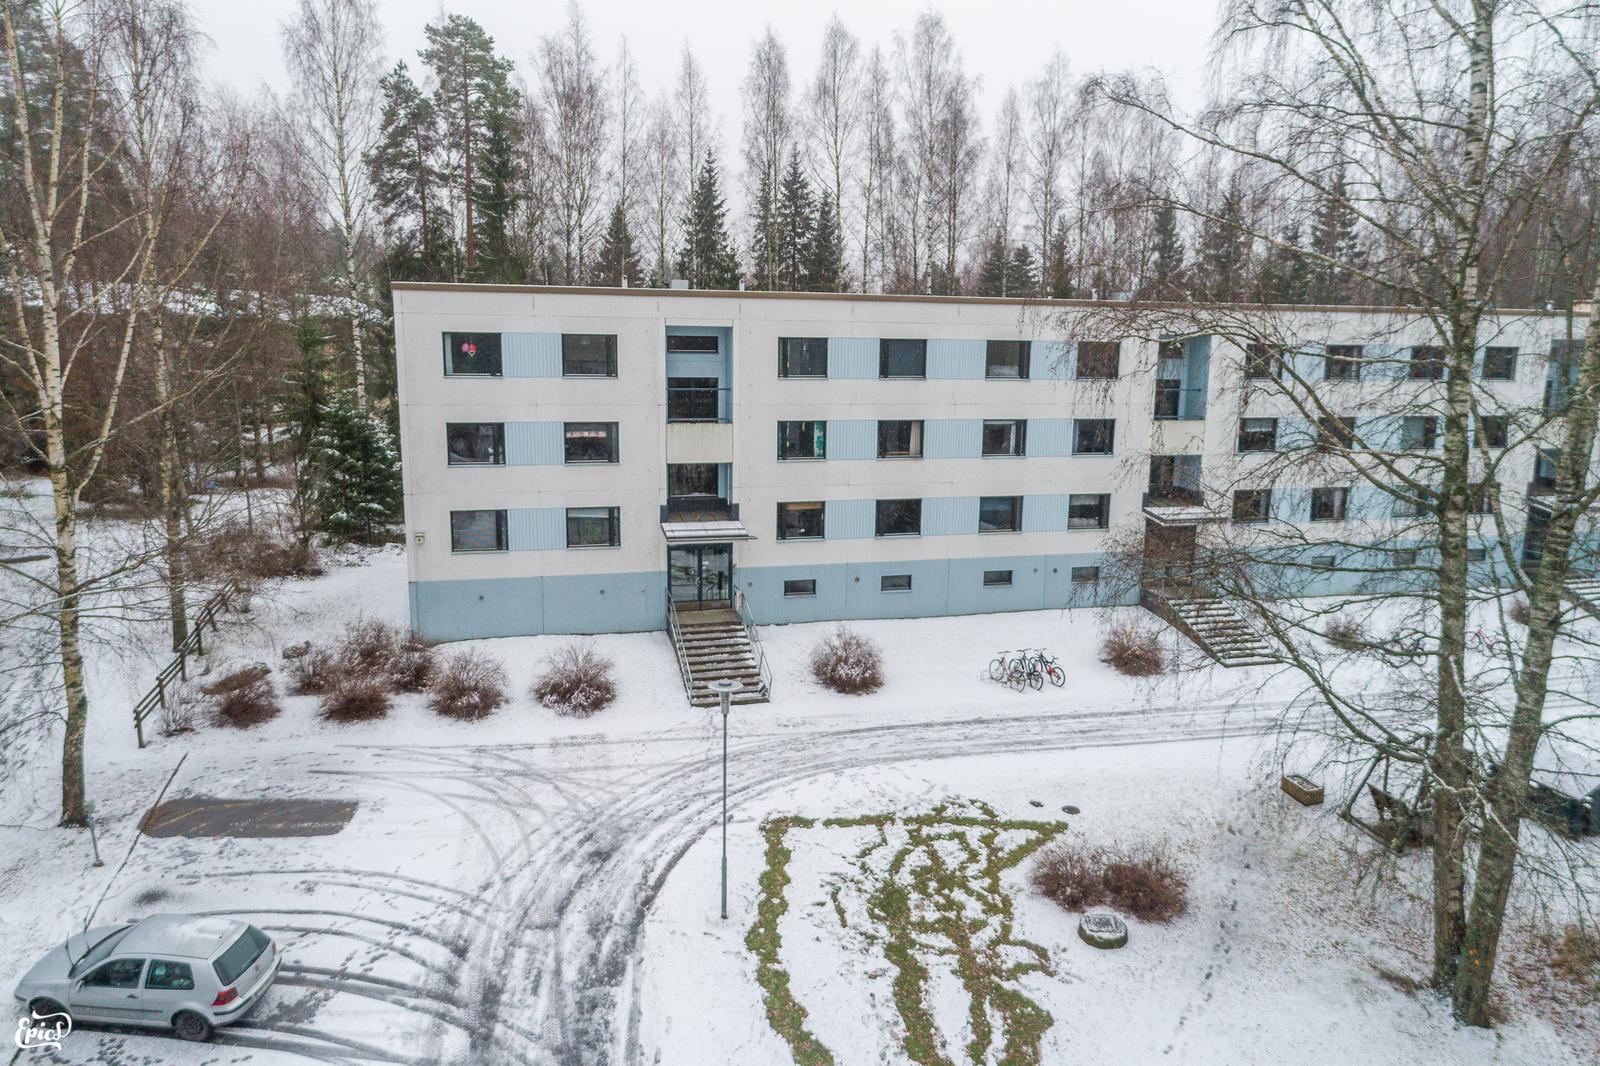 Peltolammi, Tampere